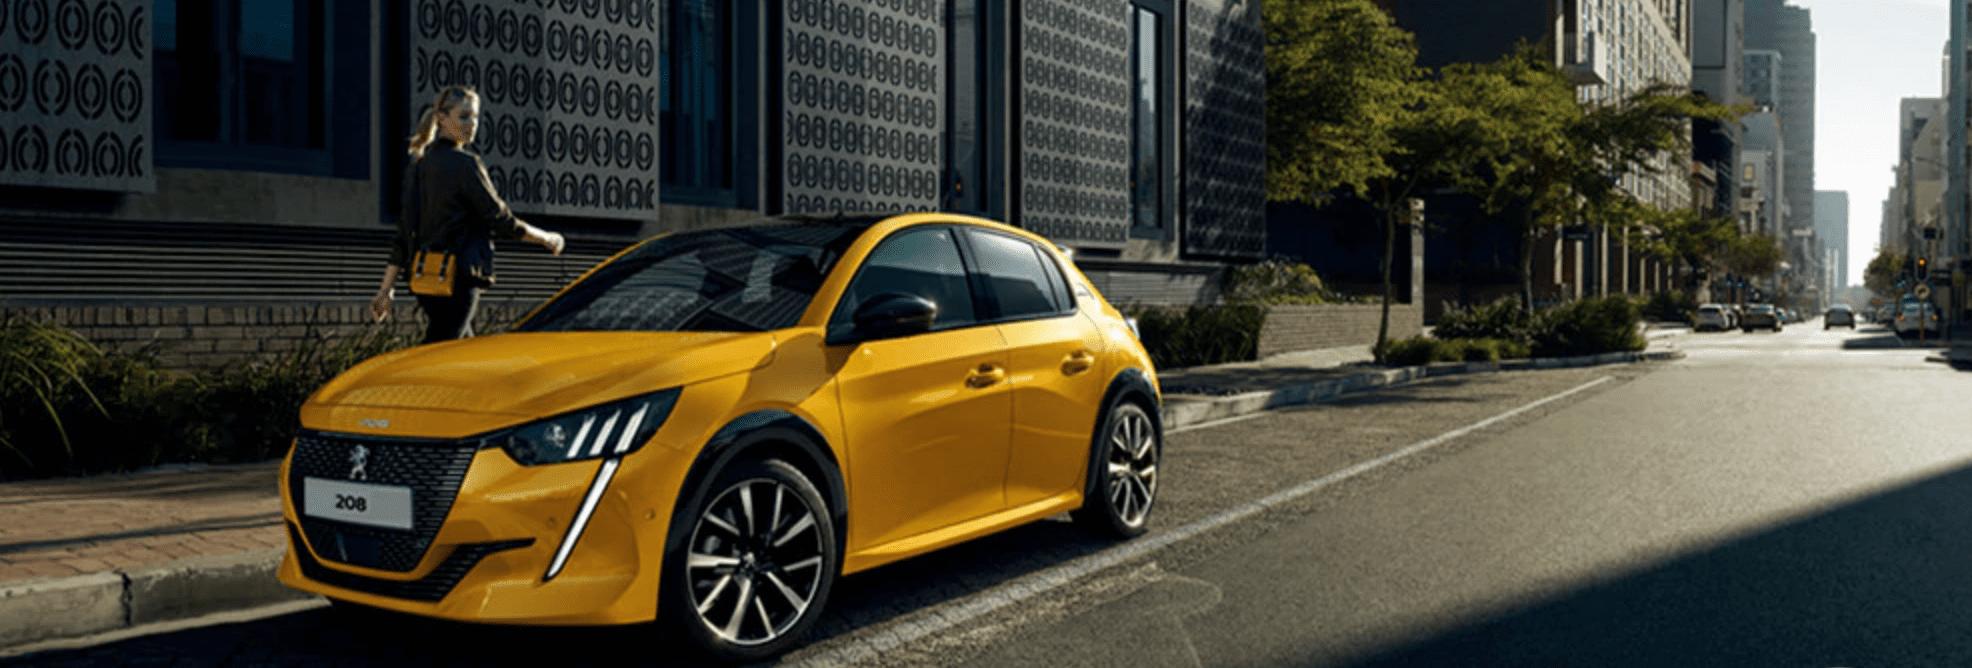 novos carros da Peugeot